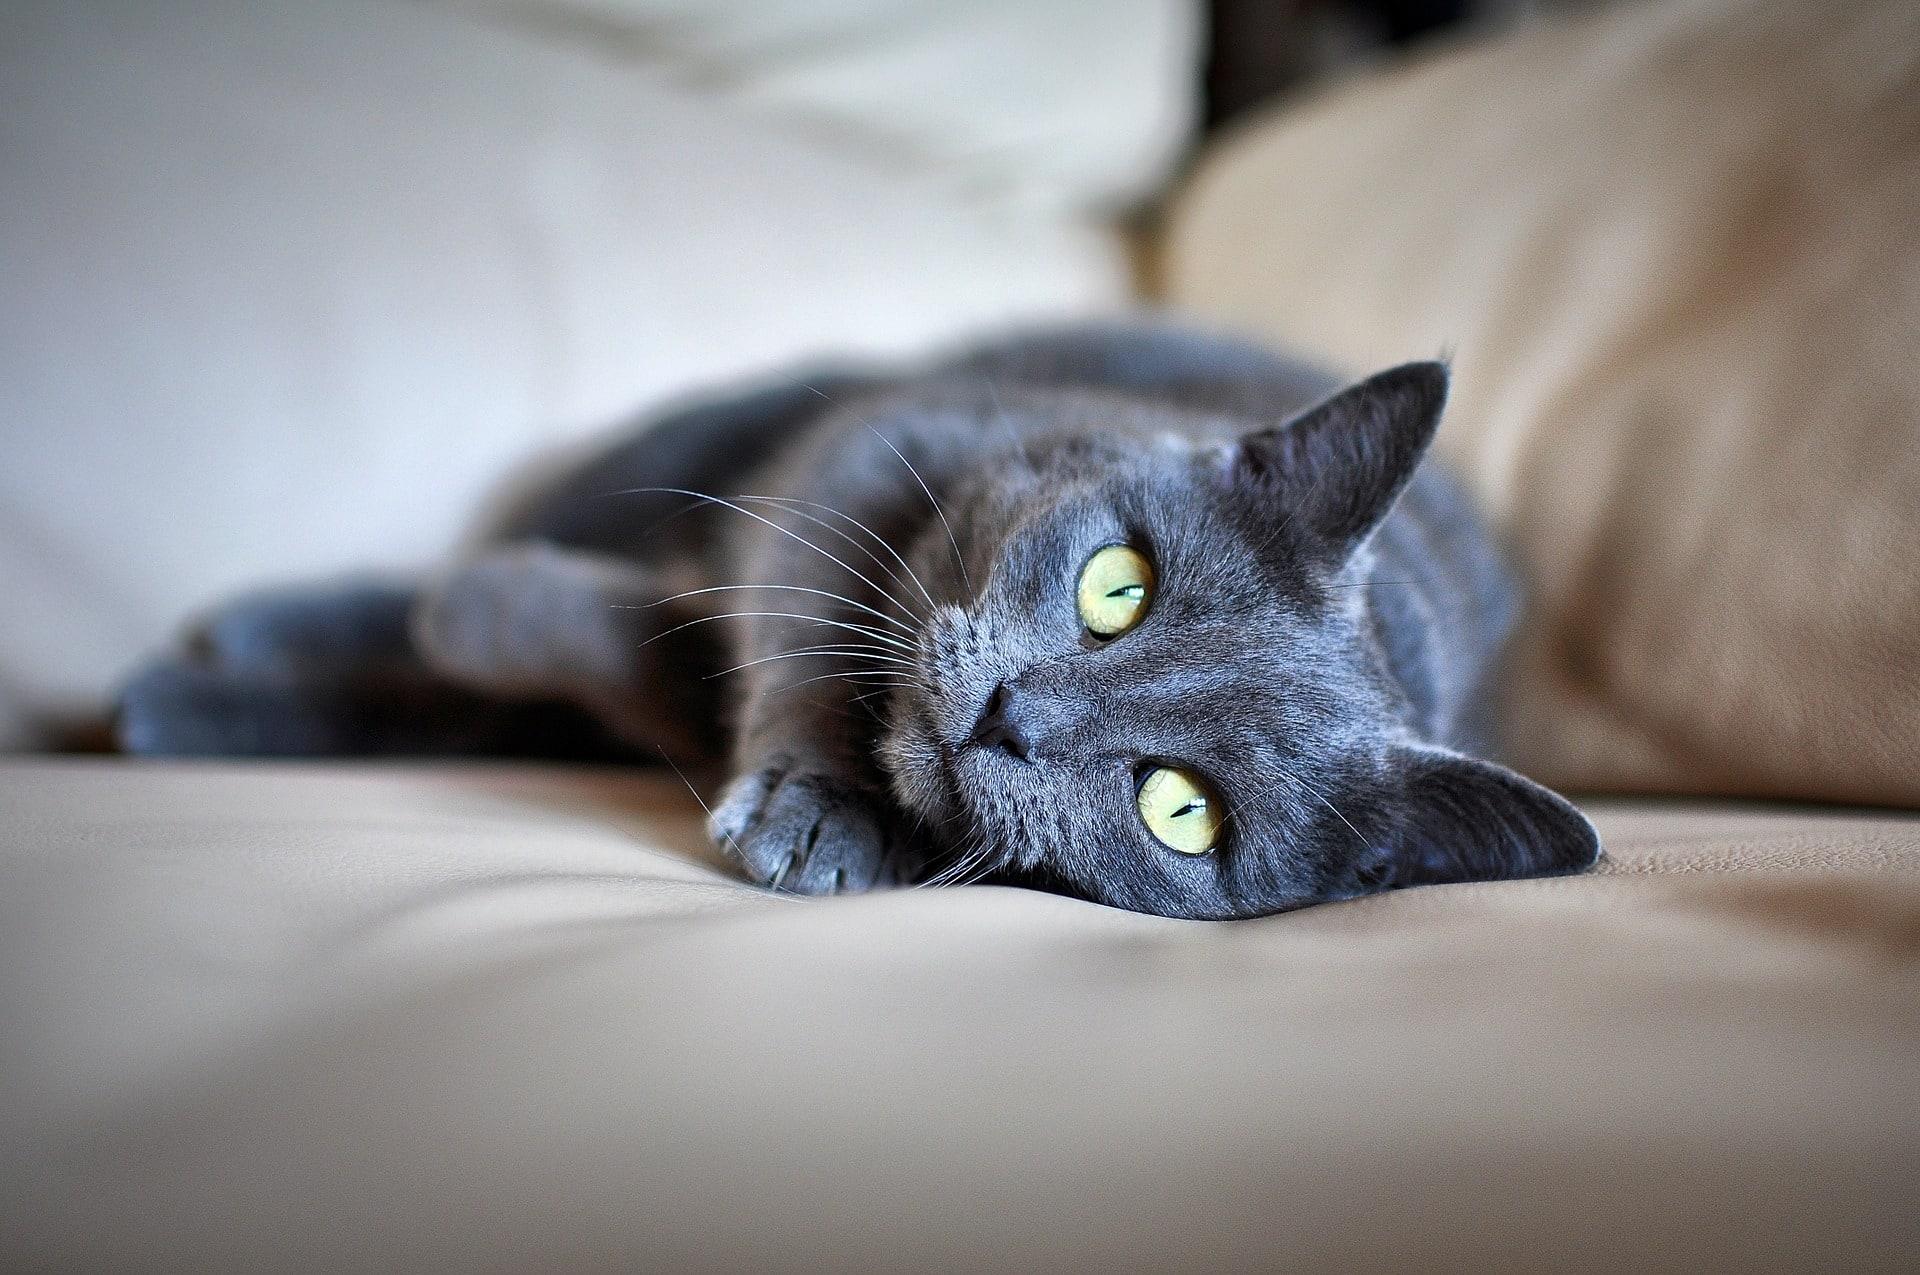 cat-1377984_1920